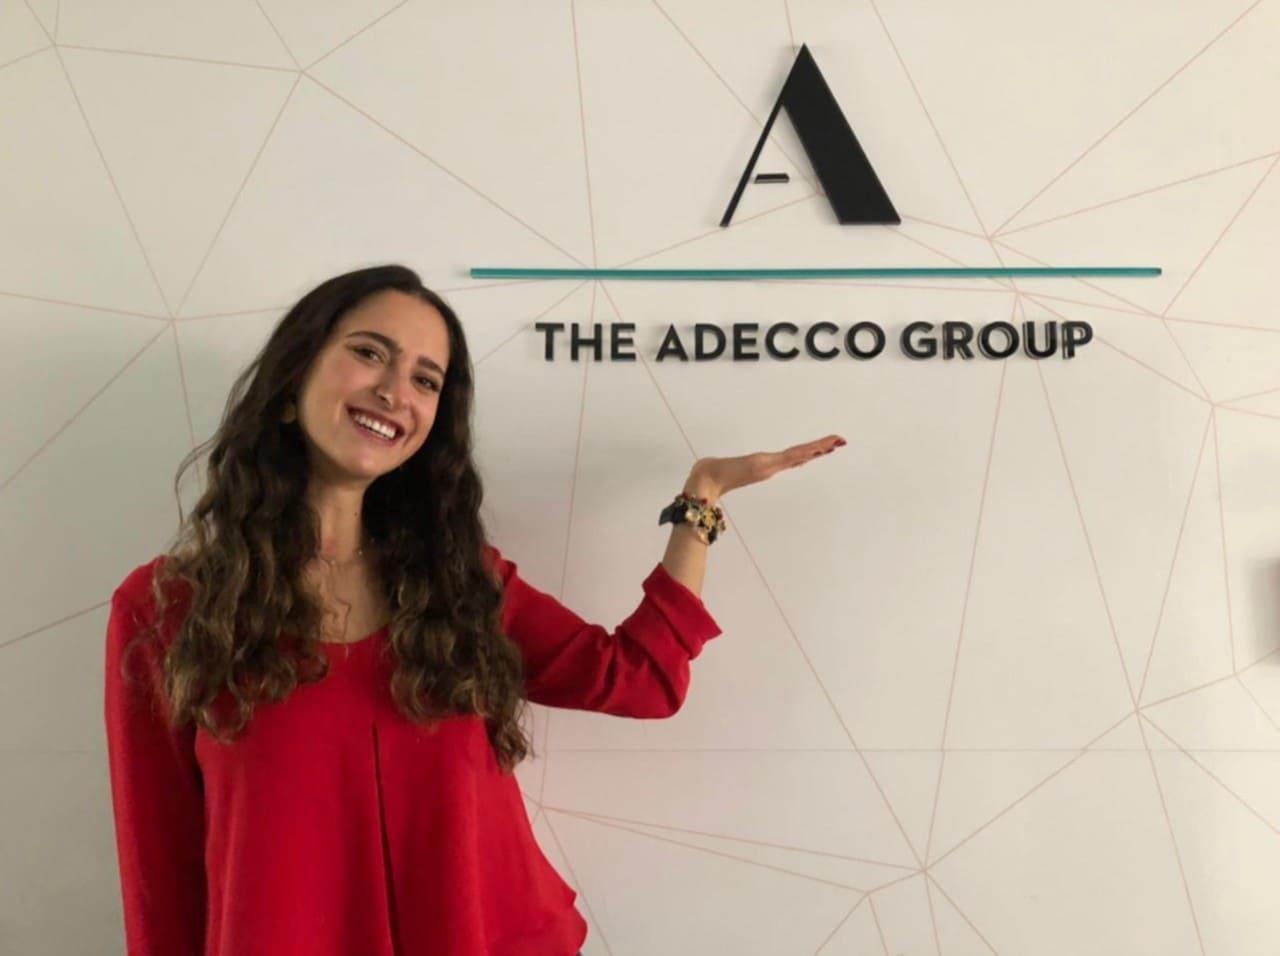 La ecuatoriana Camila Loaiza es la CEO por un mes de Adecco Ecuador y Colombia